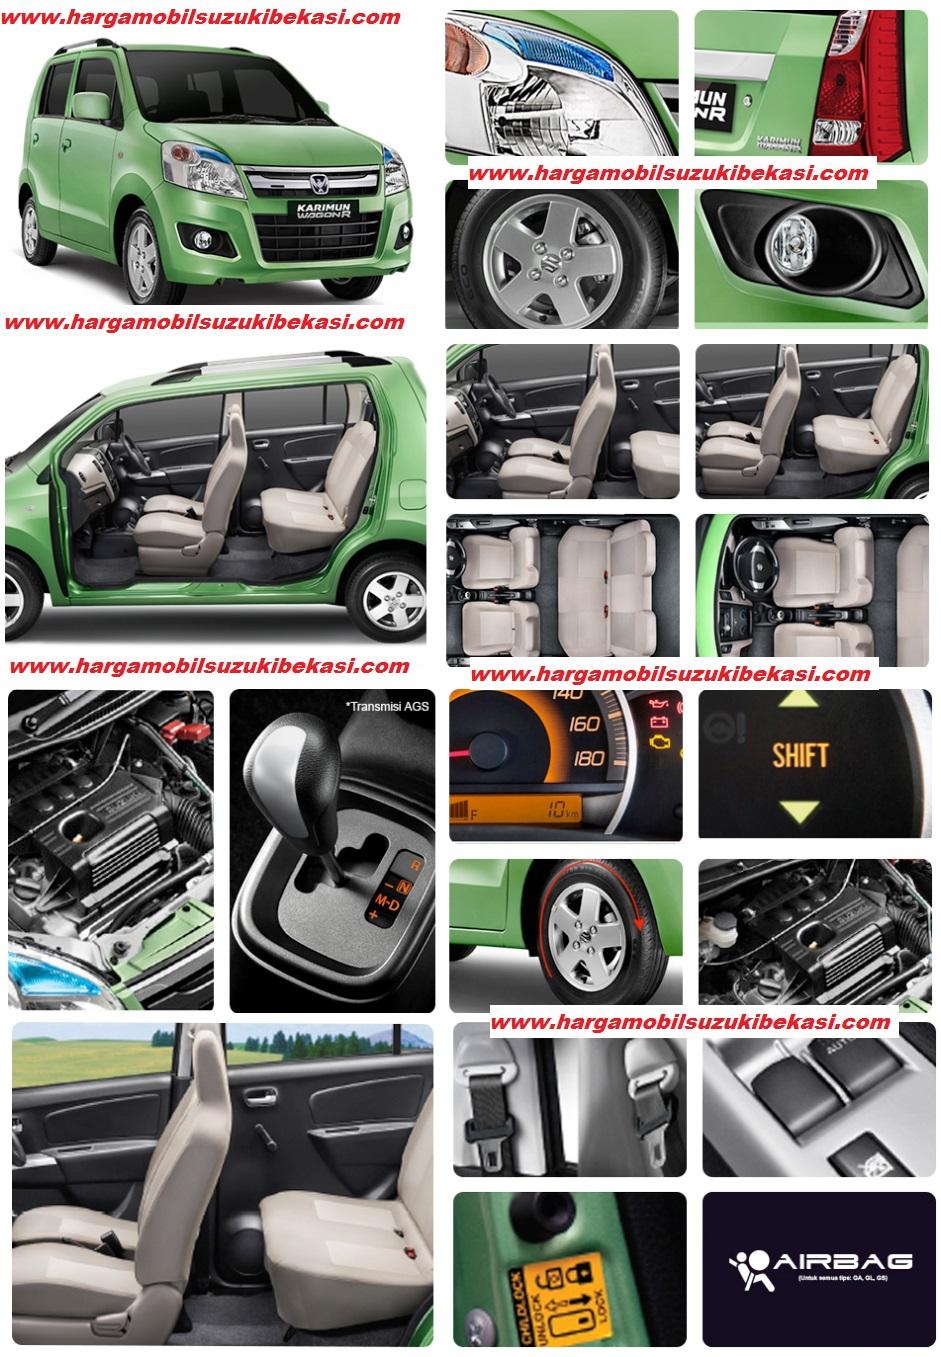 interior exterior safety Suzuki Bekasi Karimun Wagon R - Paket Kredit DP Ringan Karimun Wagon R AGS